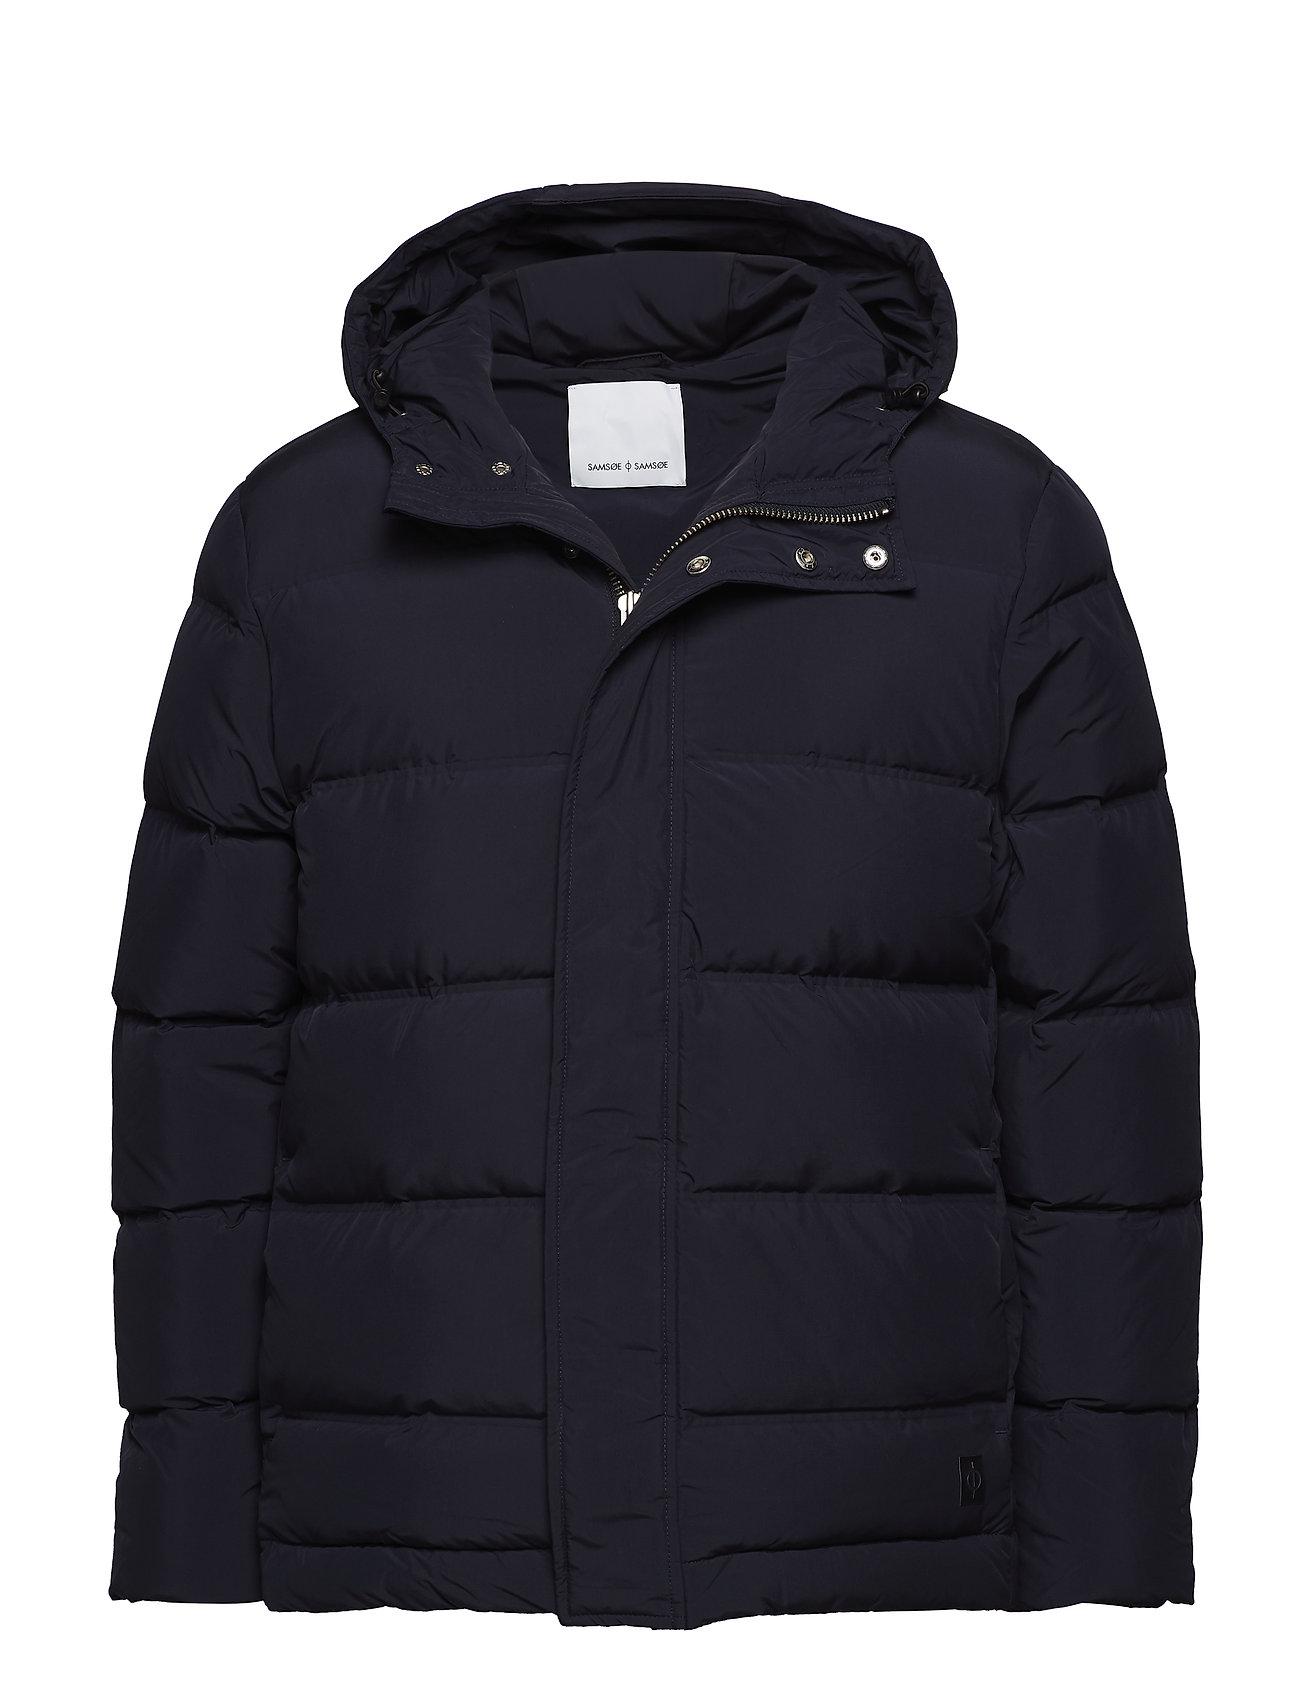 Samsøe & Samsøe Don jacket 8306 Ytterkläder